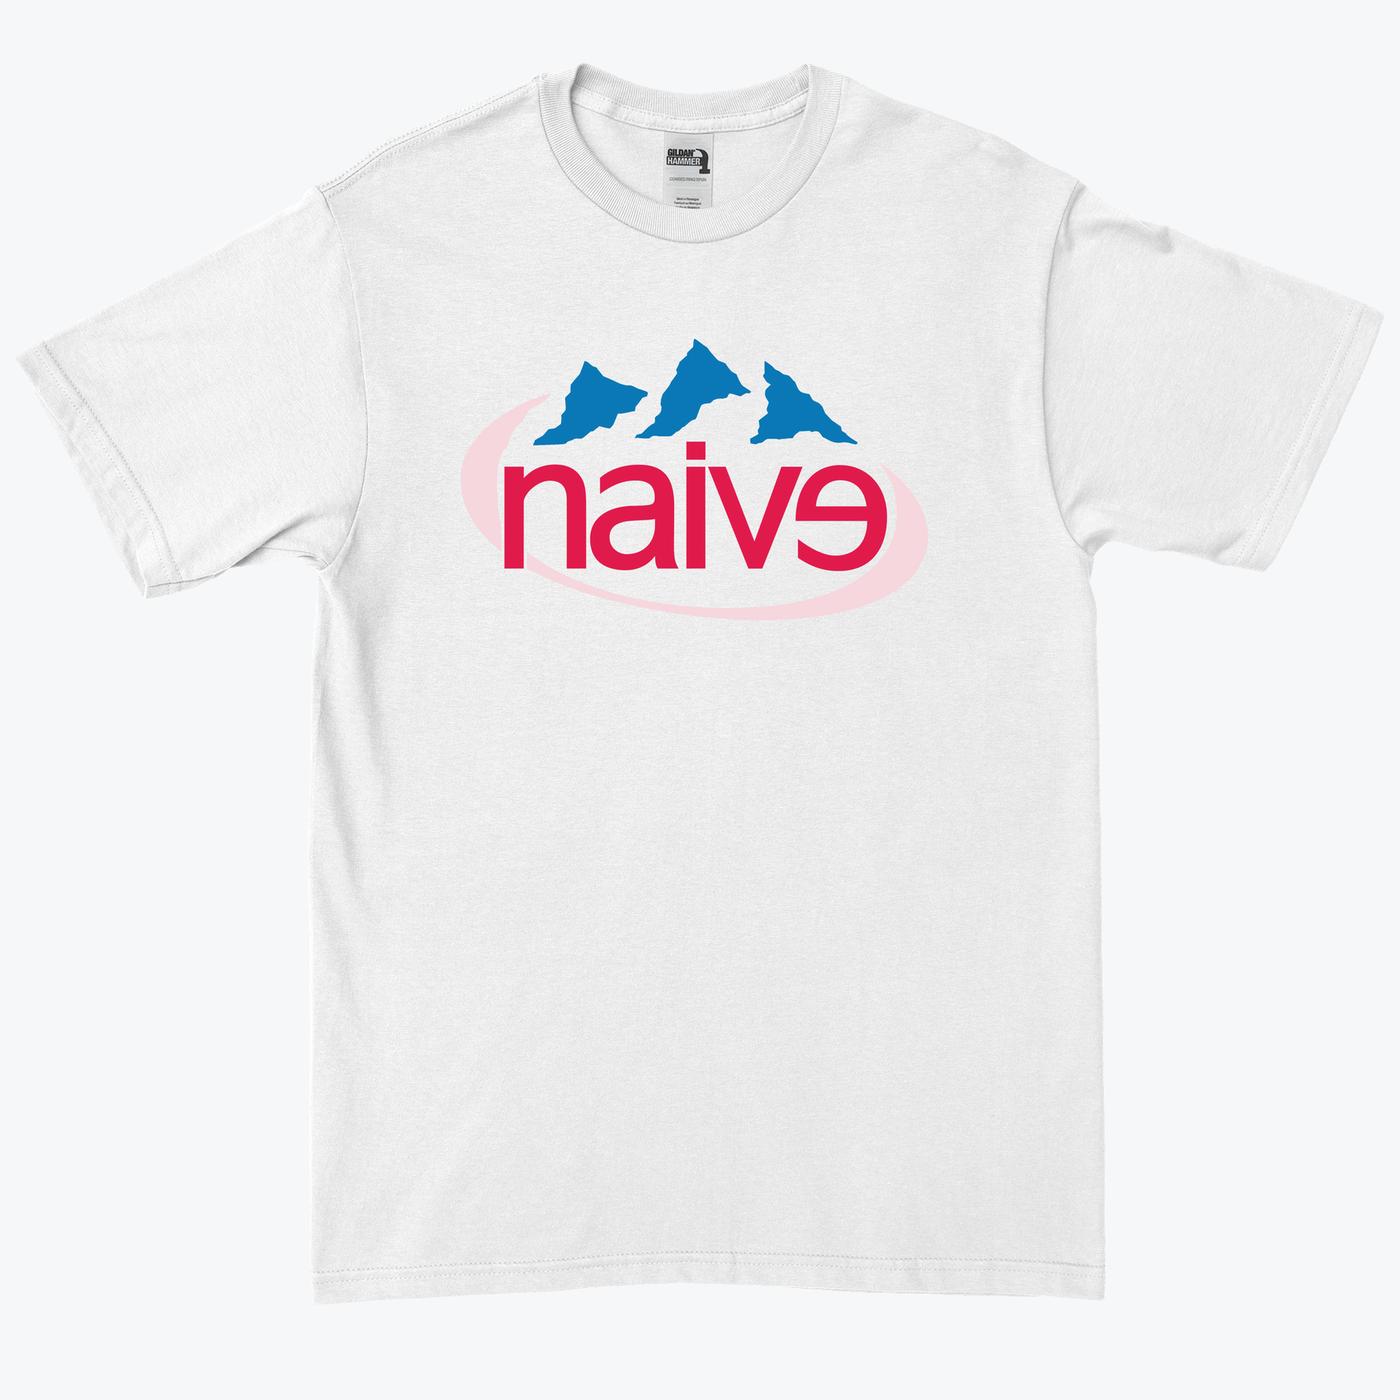 Naive Trax 'Naive' T-shirt